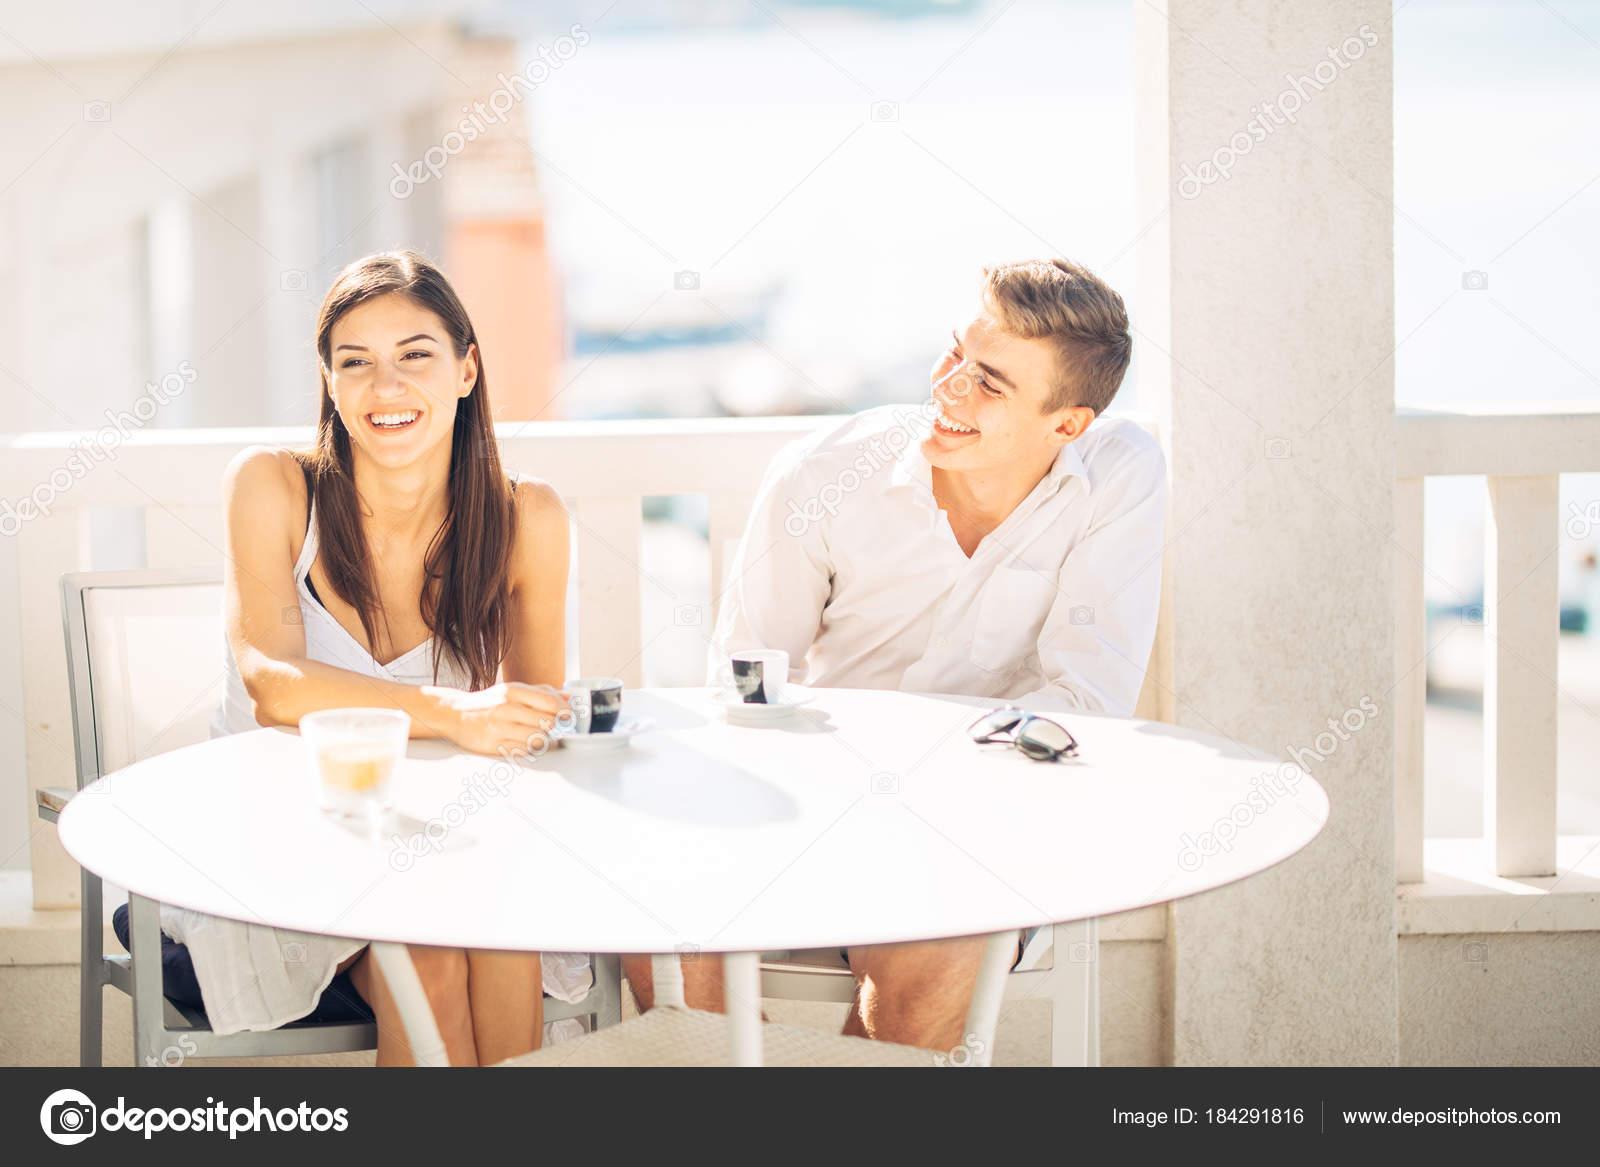 koffie ontmoeten dating site